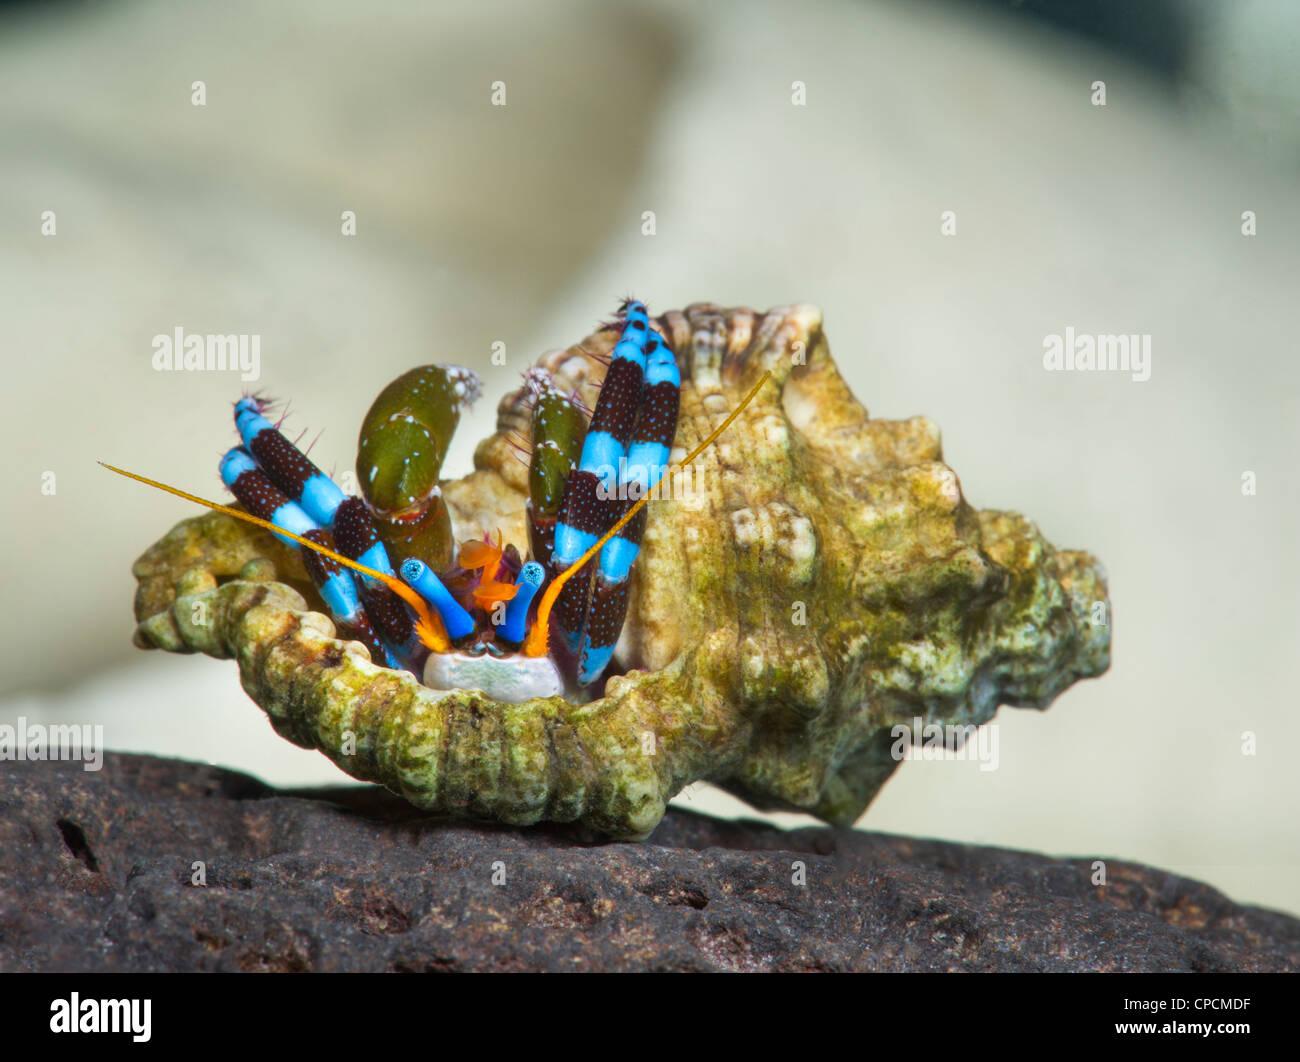 Piccolo piccolo granchio eremita CALCINUS ritratto in studio einsiedlerkrebs krebs sfondo bianco rosso blu granchi Immagini Stock